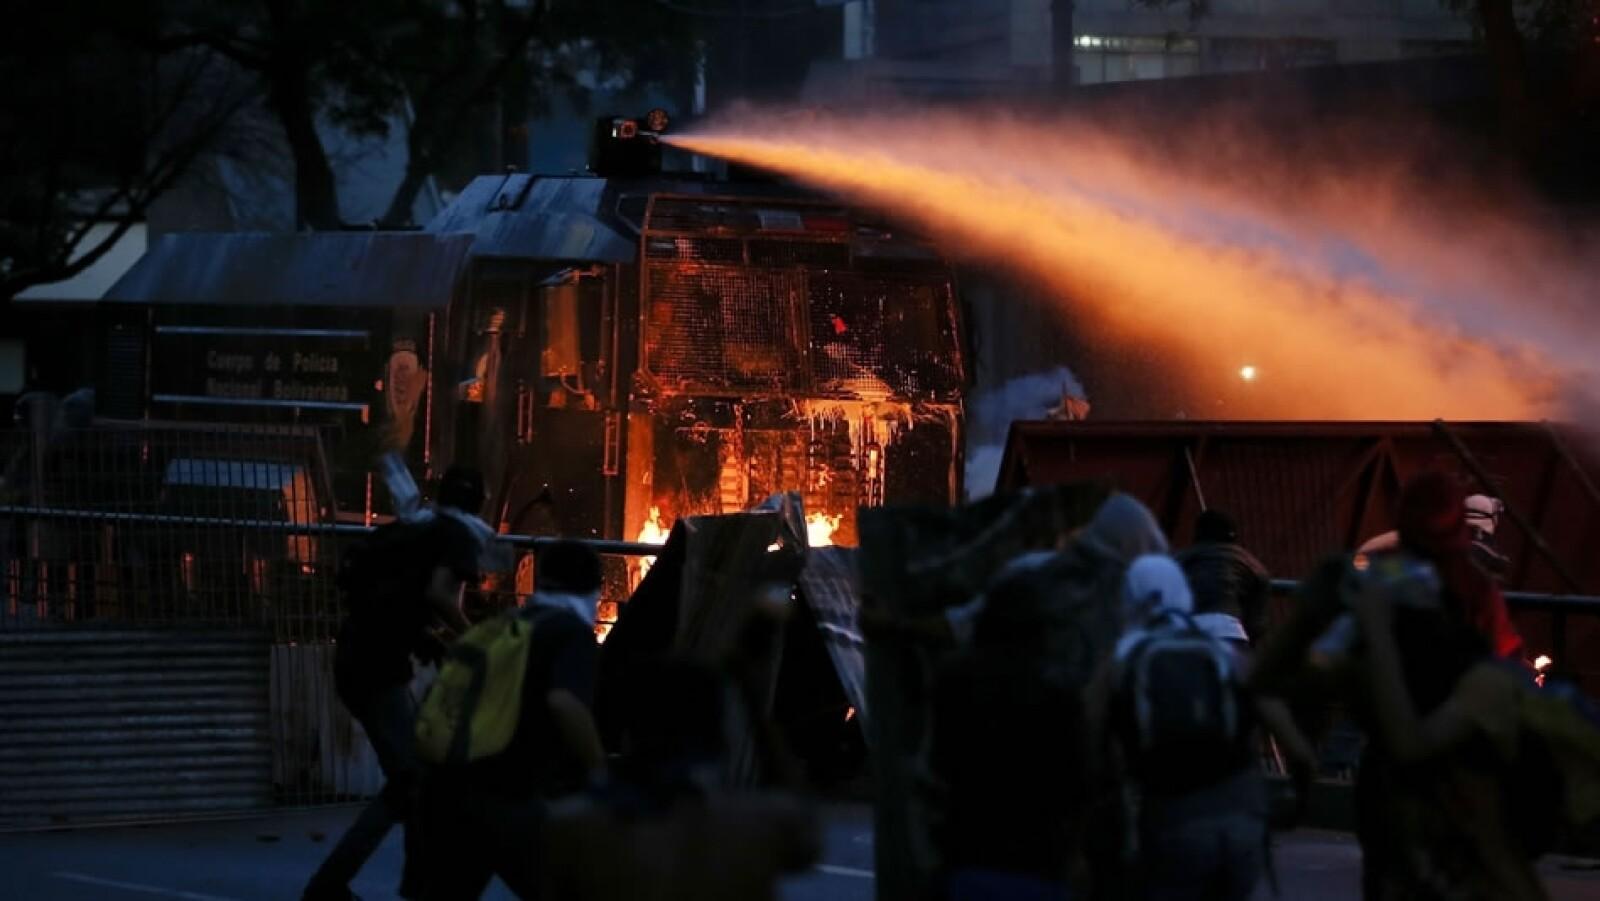 El vehículo gubernamental lanza chorros de agua los manifestantes de Caracas